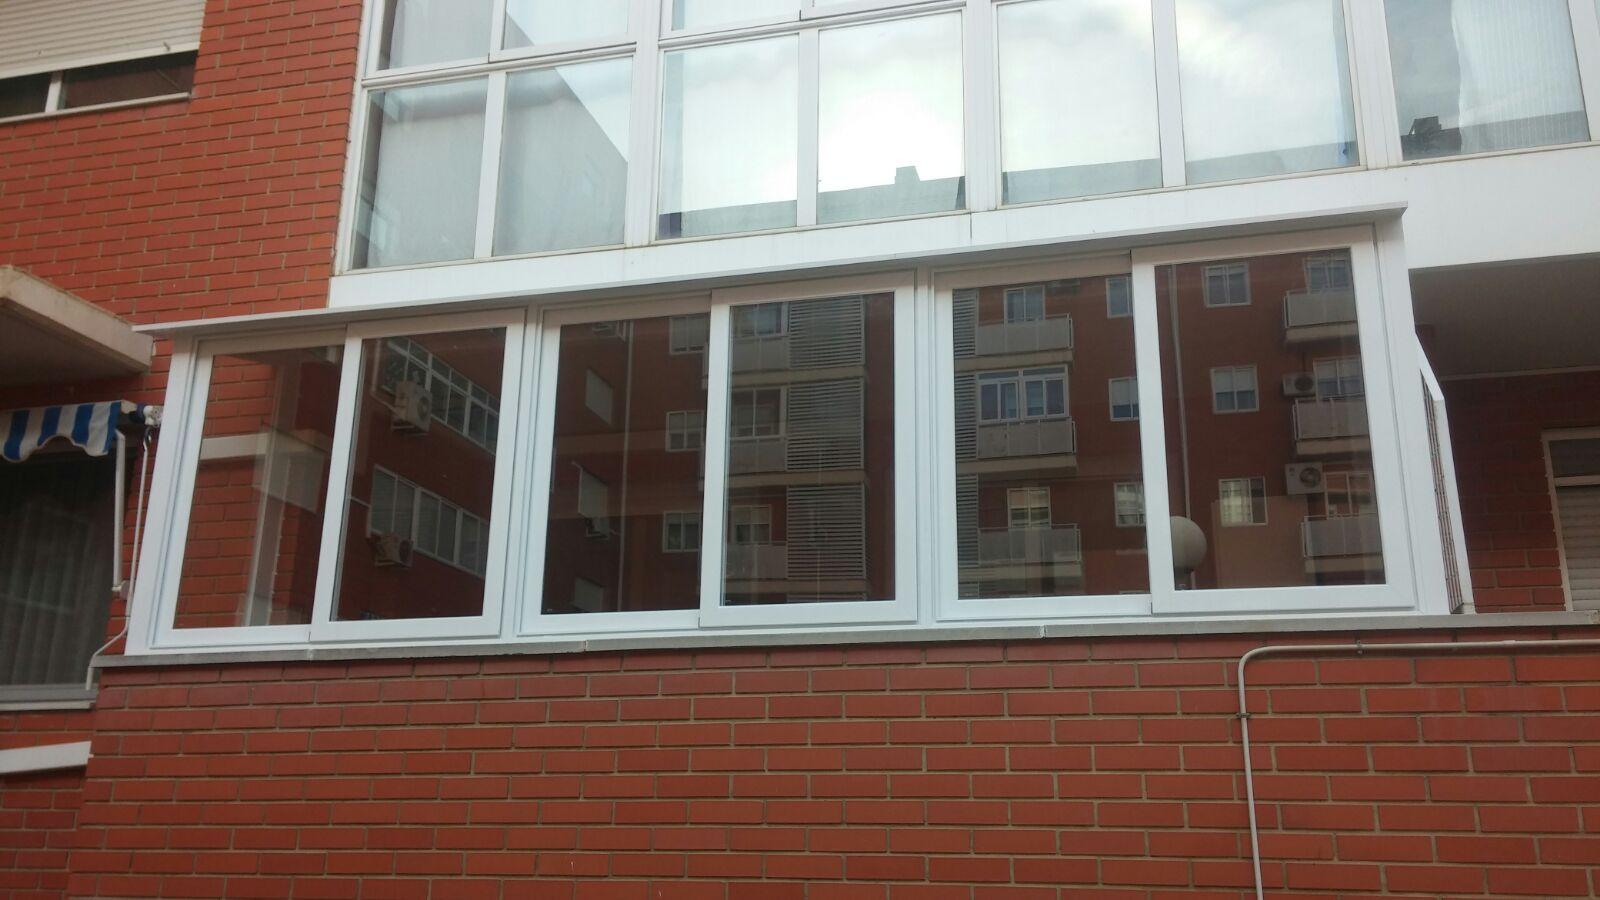 Ventanas de aluminio en zaragoza cortina de vidrio aluminios jp with ventanas de aluminio en - Cortinas baratas zaragoza ...